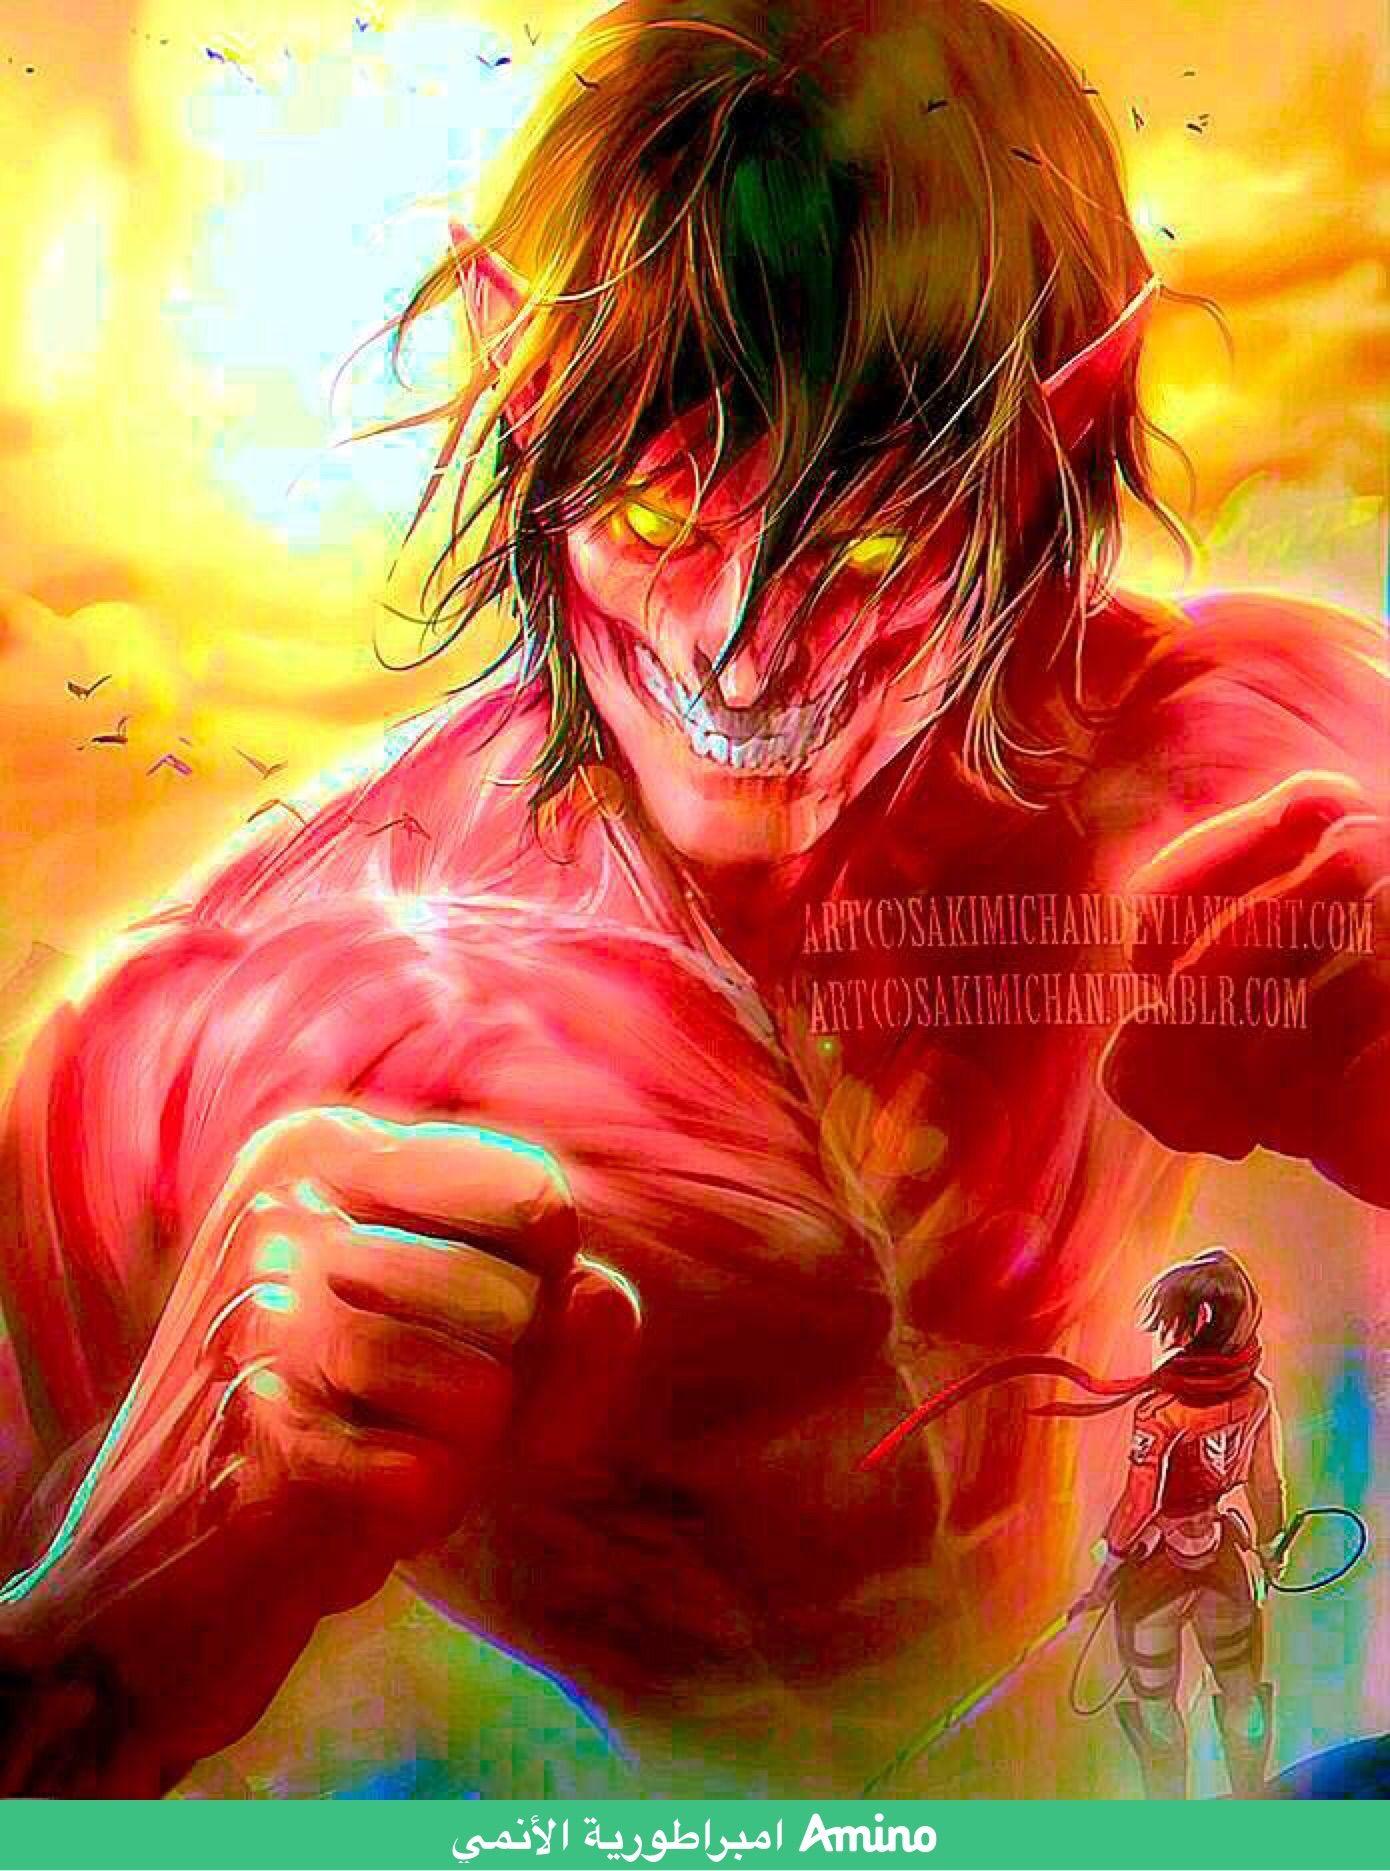 Image blog art anime red leather jacket